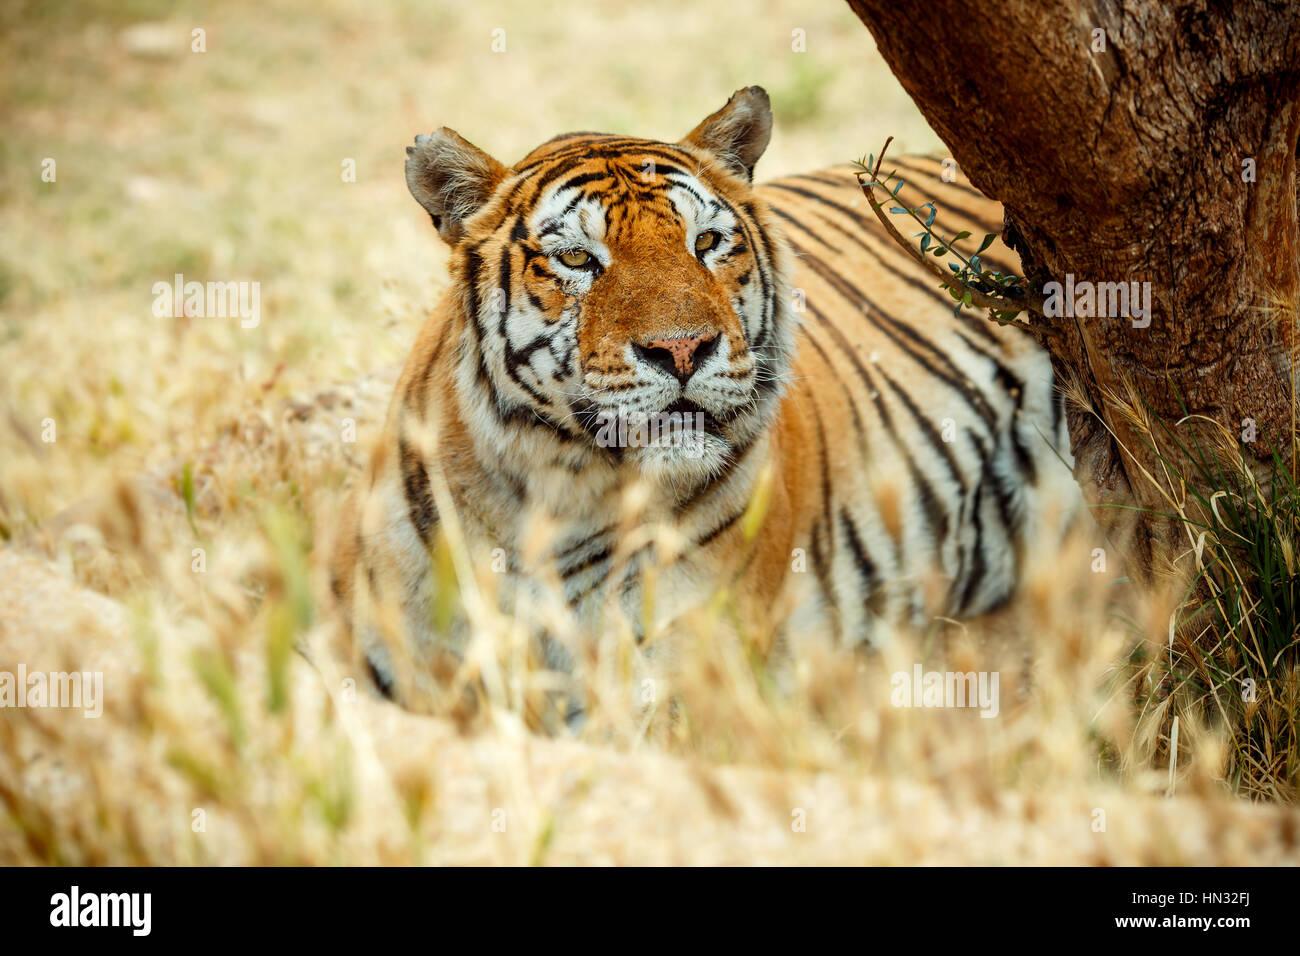 Tigre de Bengala en la hierba de día de verano Foto de stock